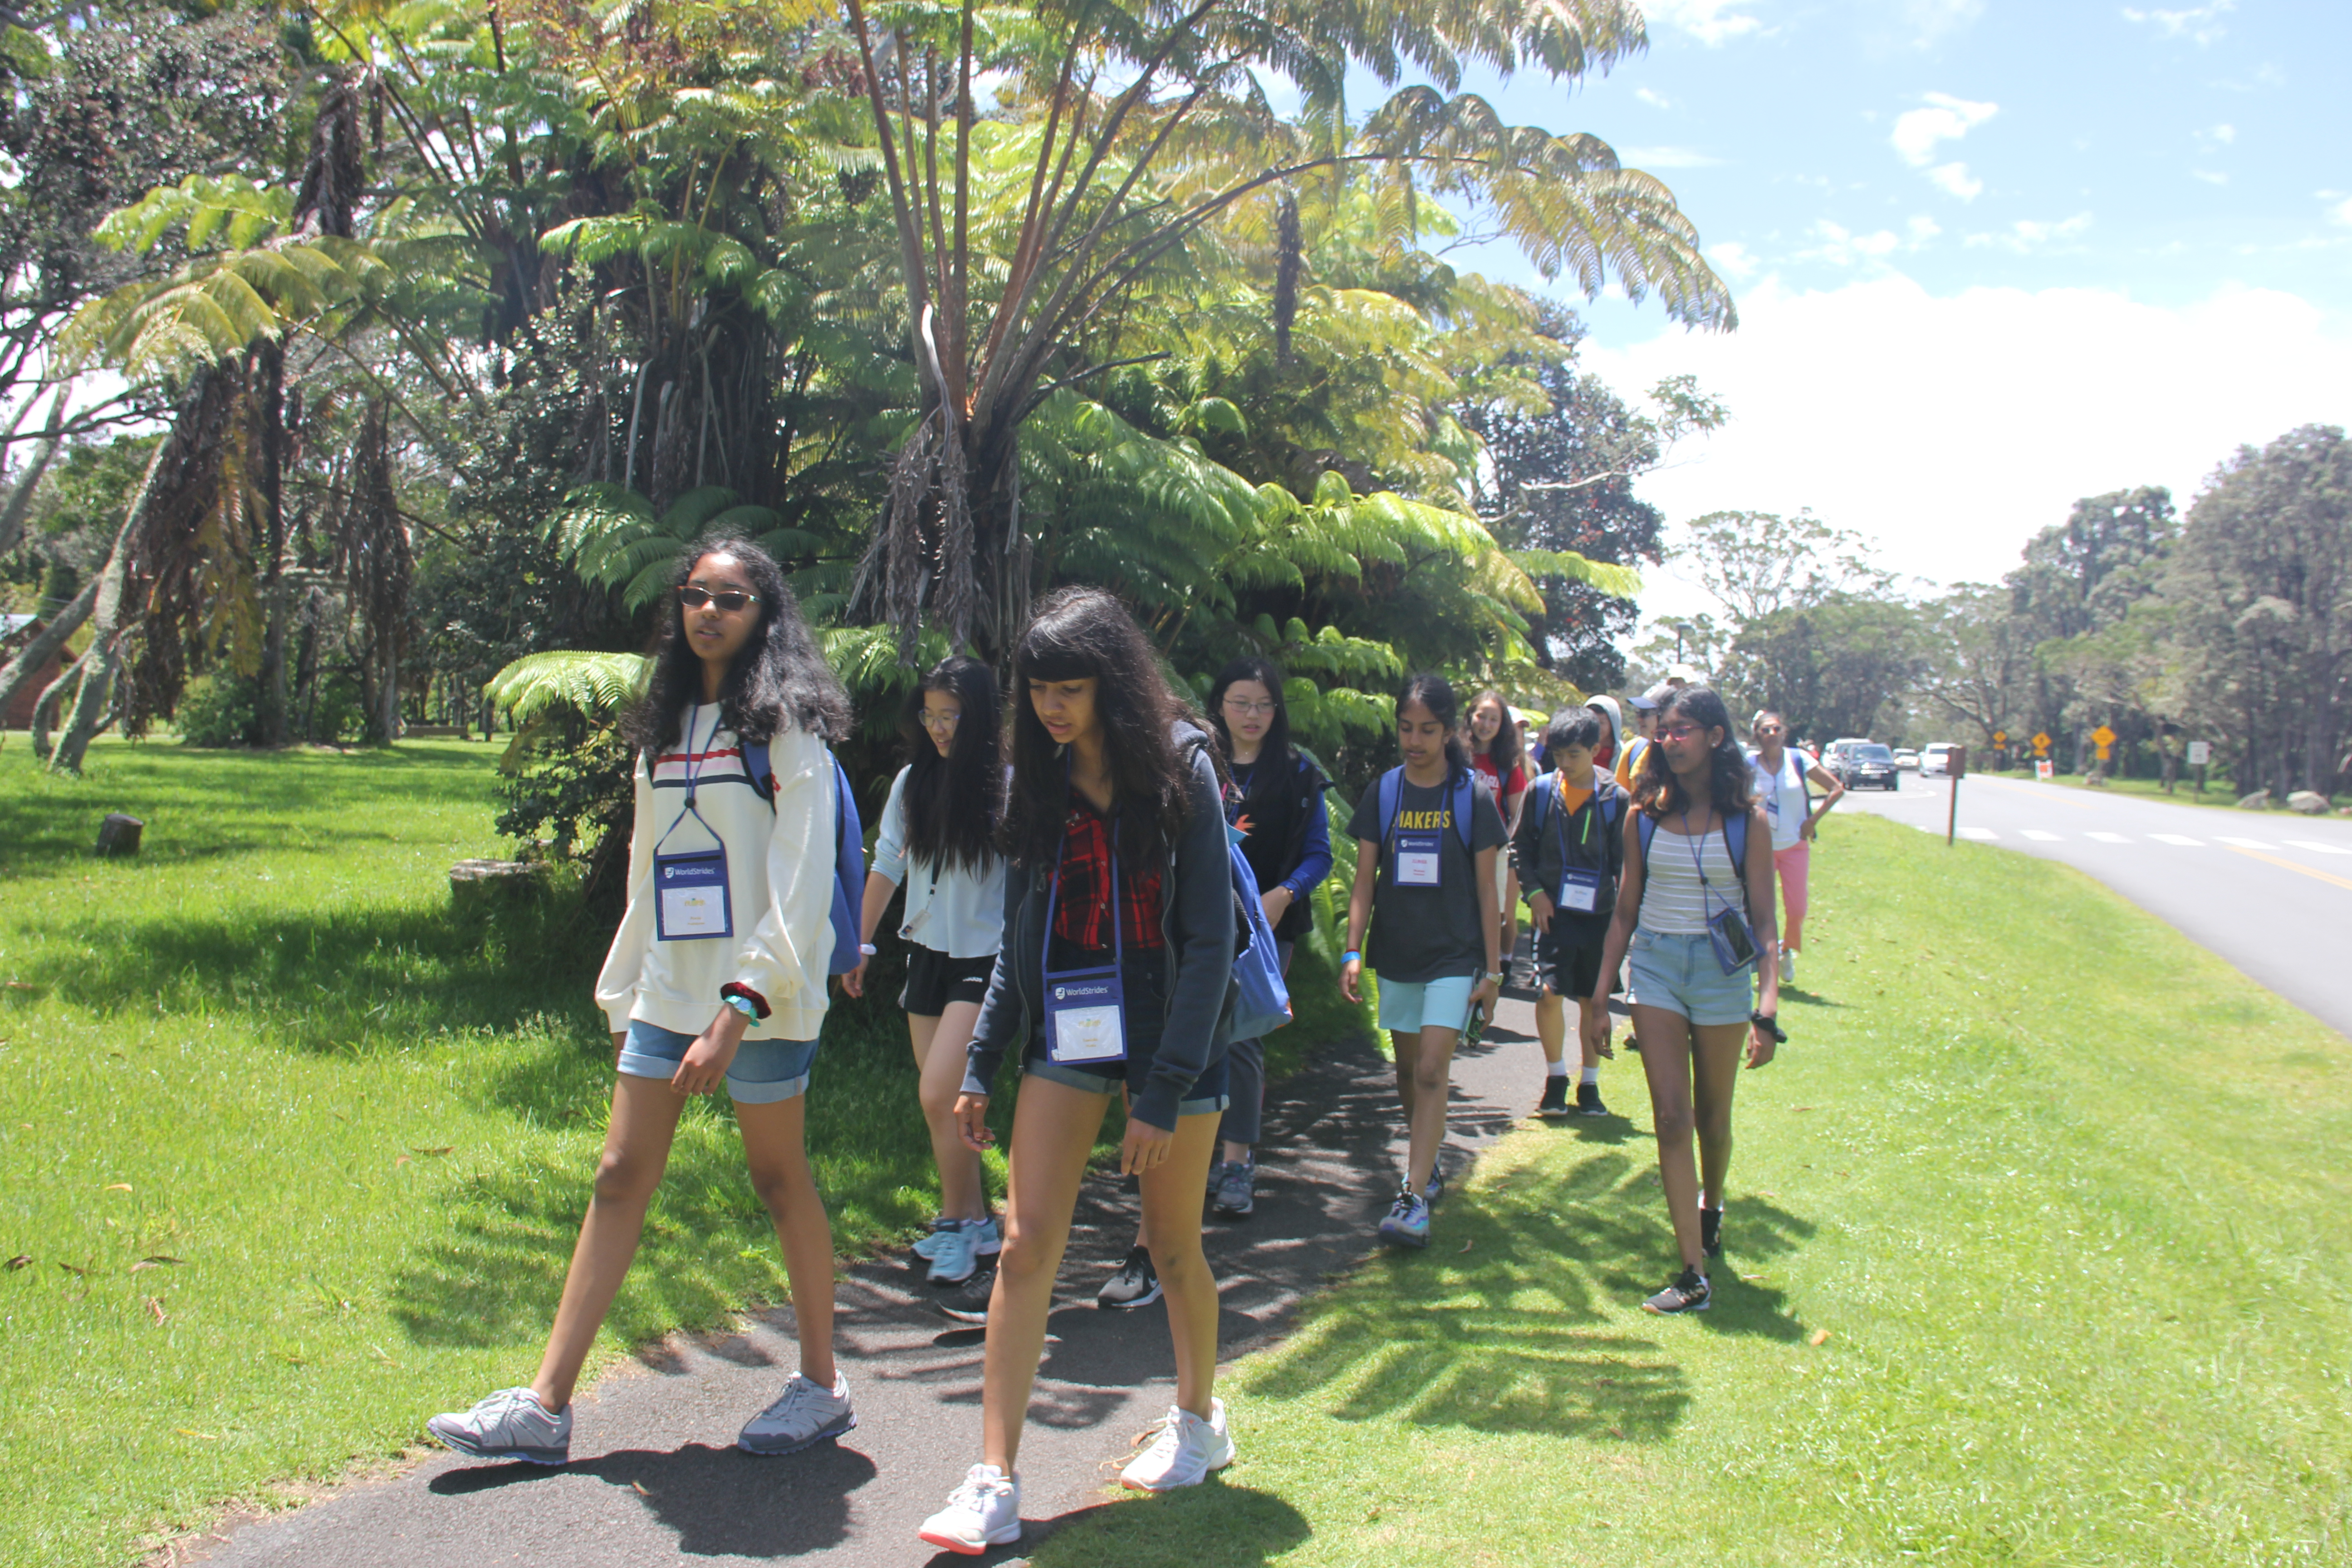 Hawaii 10